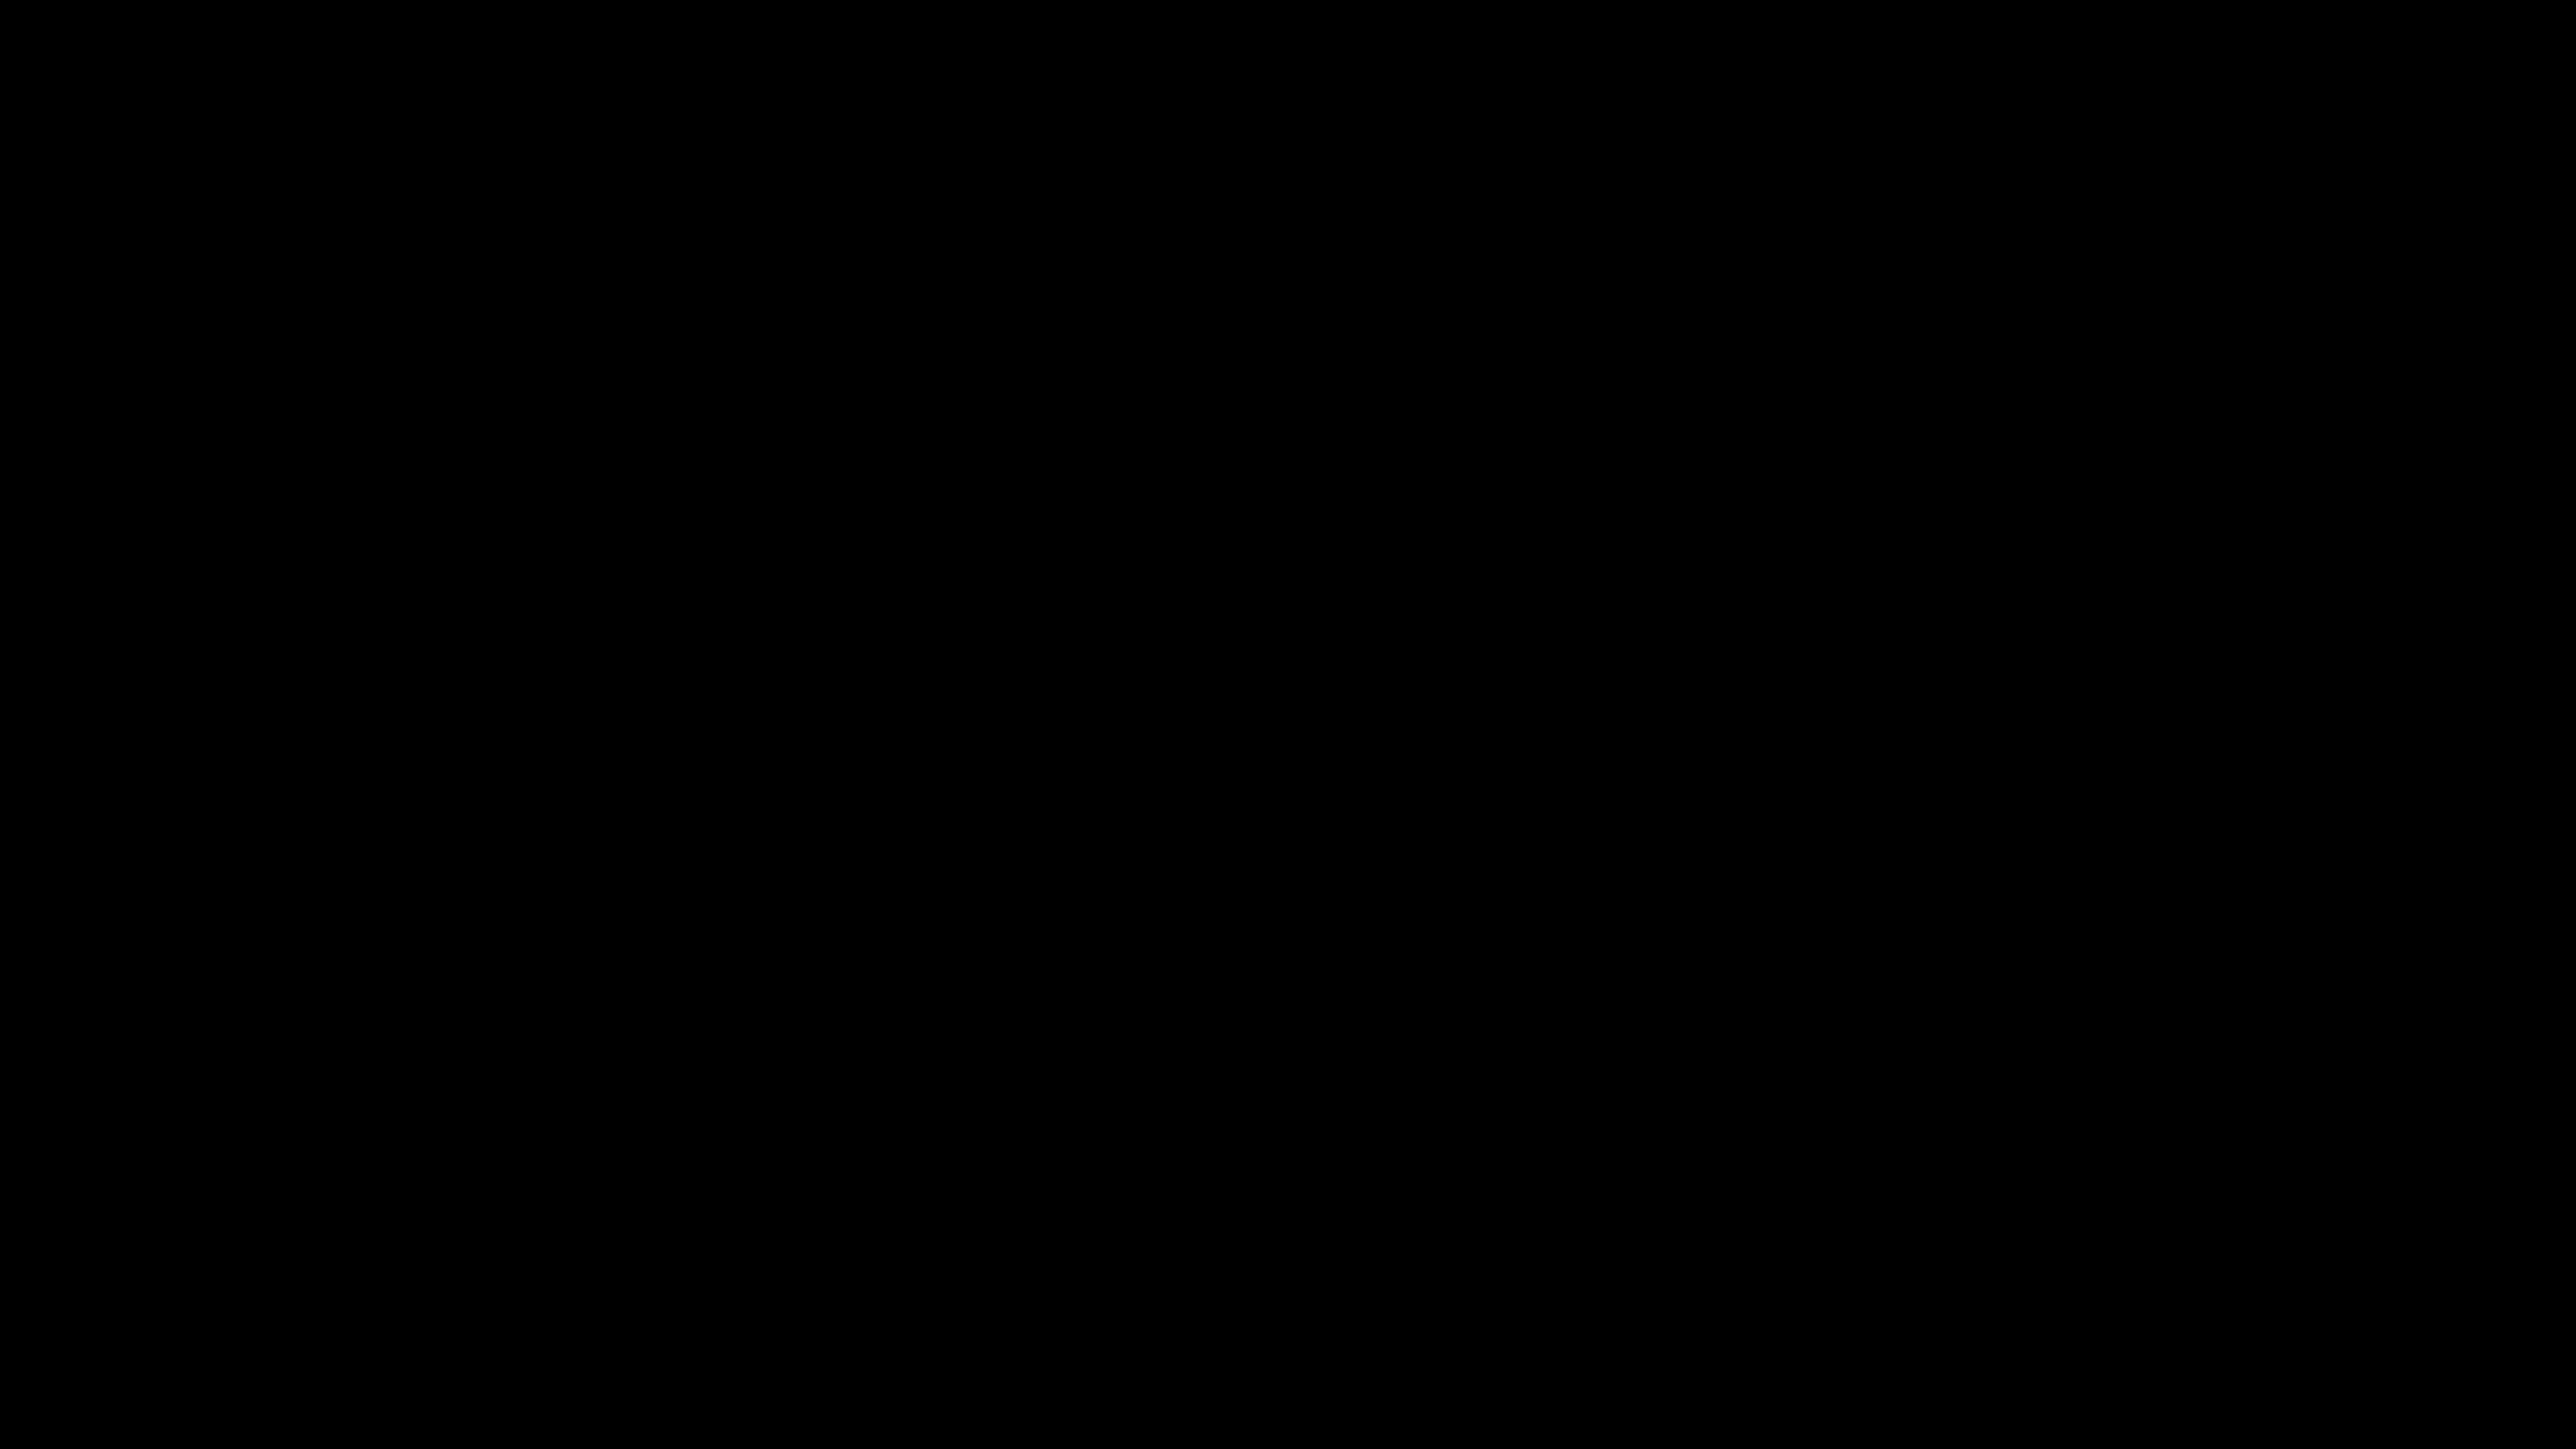 Umsatz 2018 nach Regionen